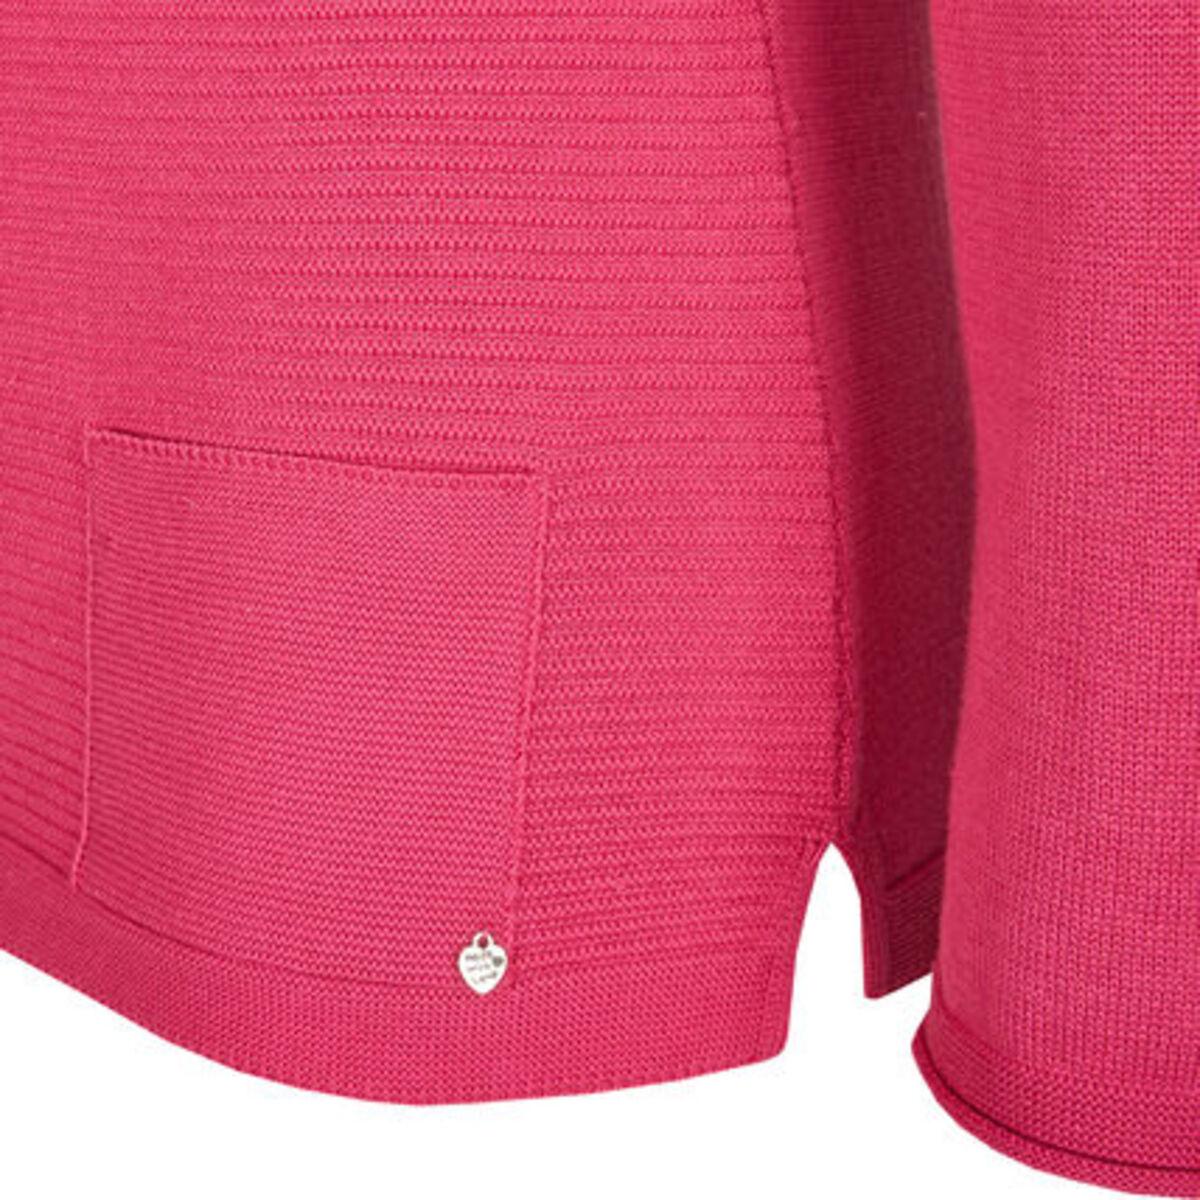 Bild 3 von Rabe Pullover, Struktur, Tasche, für Damen